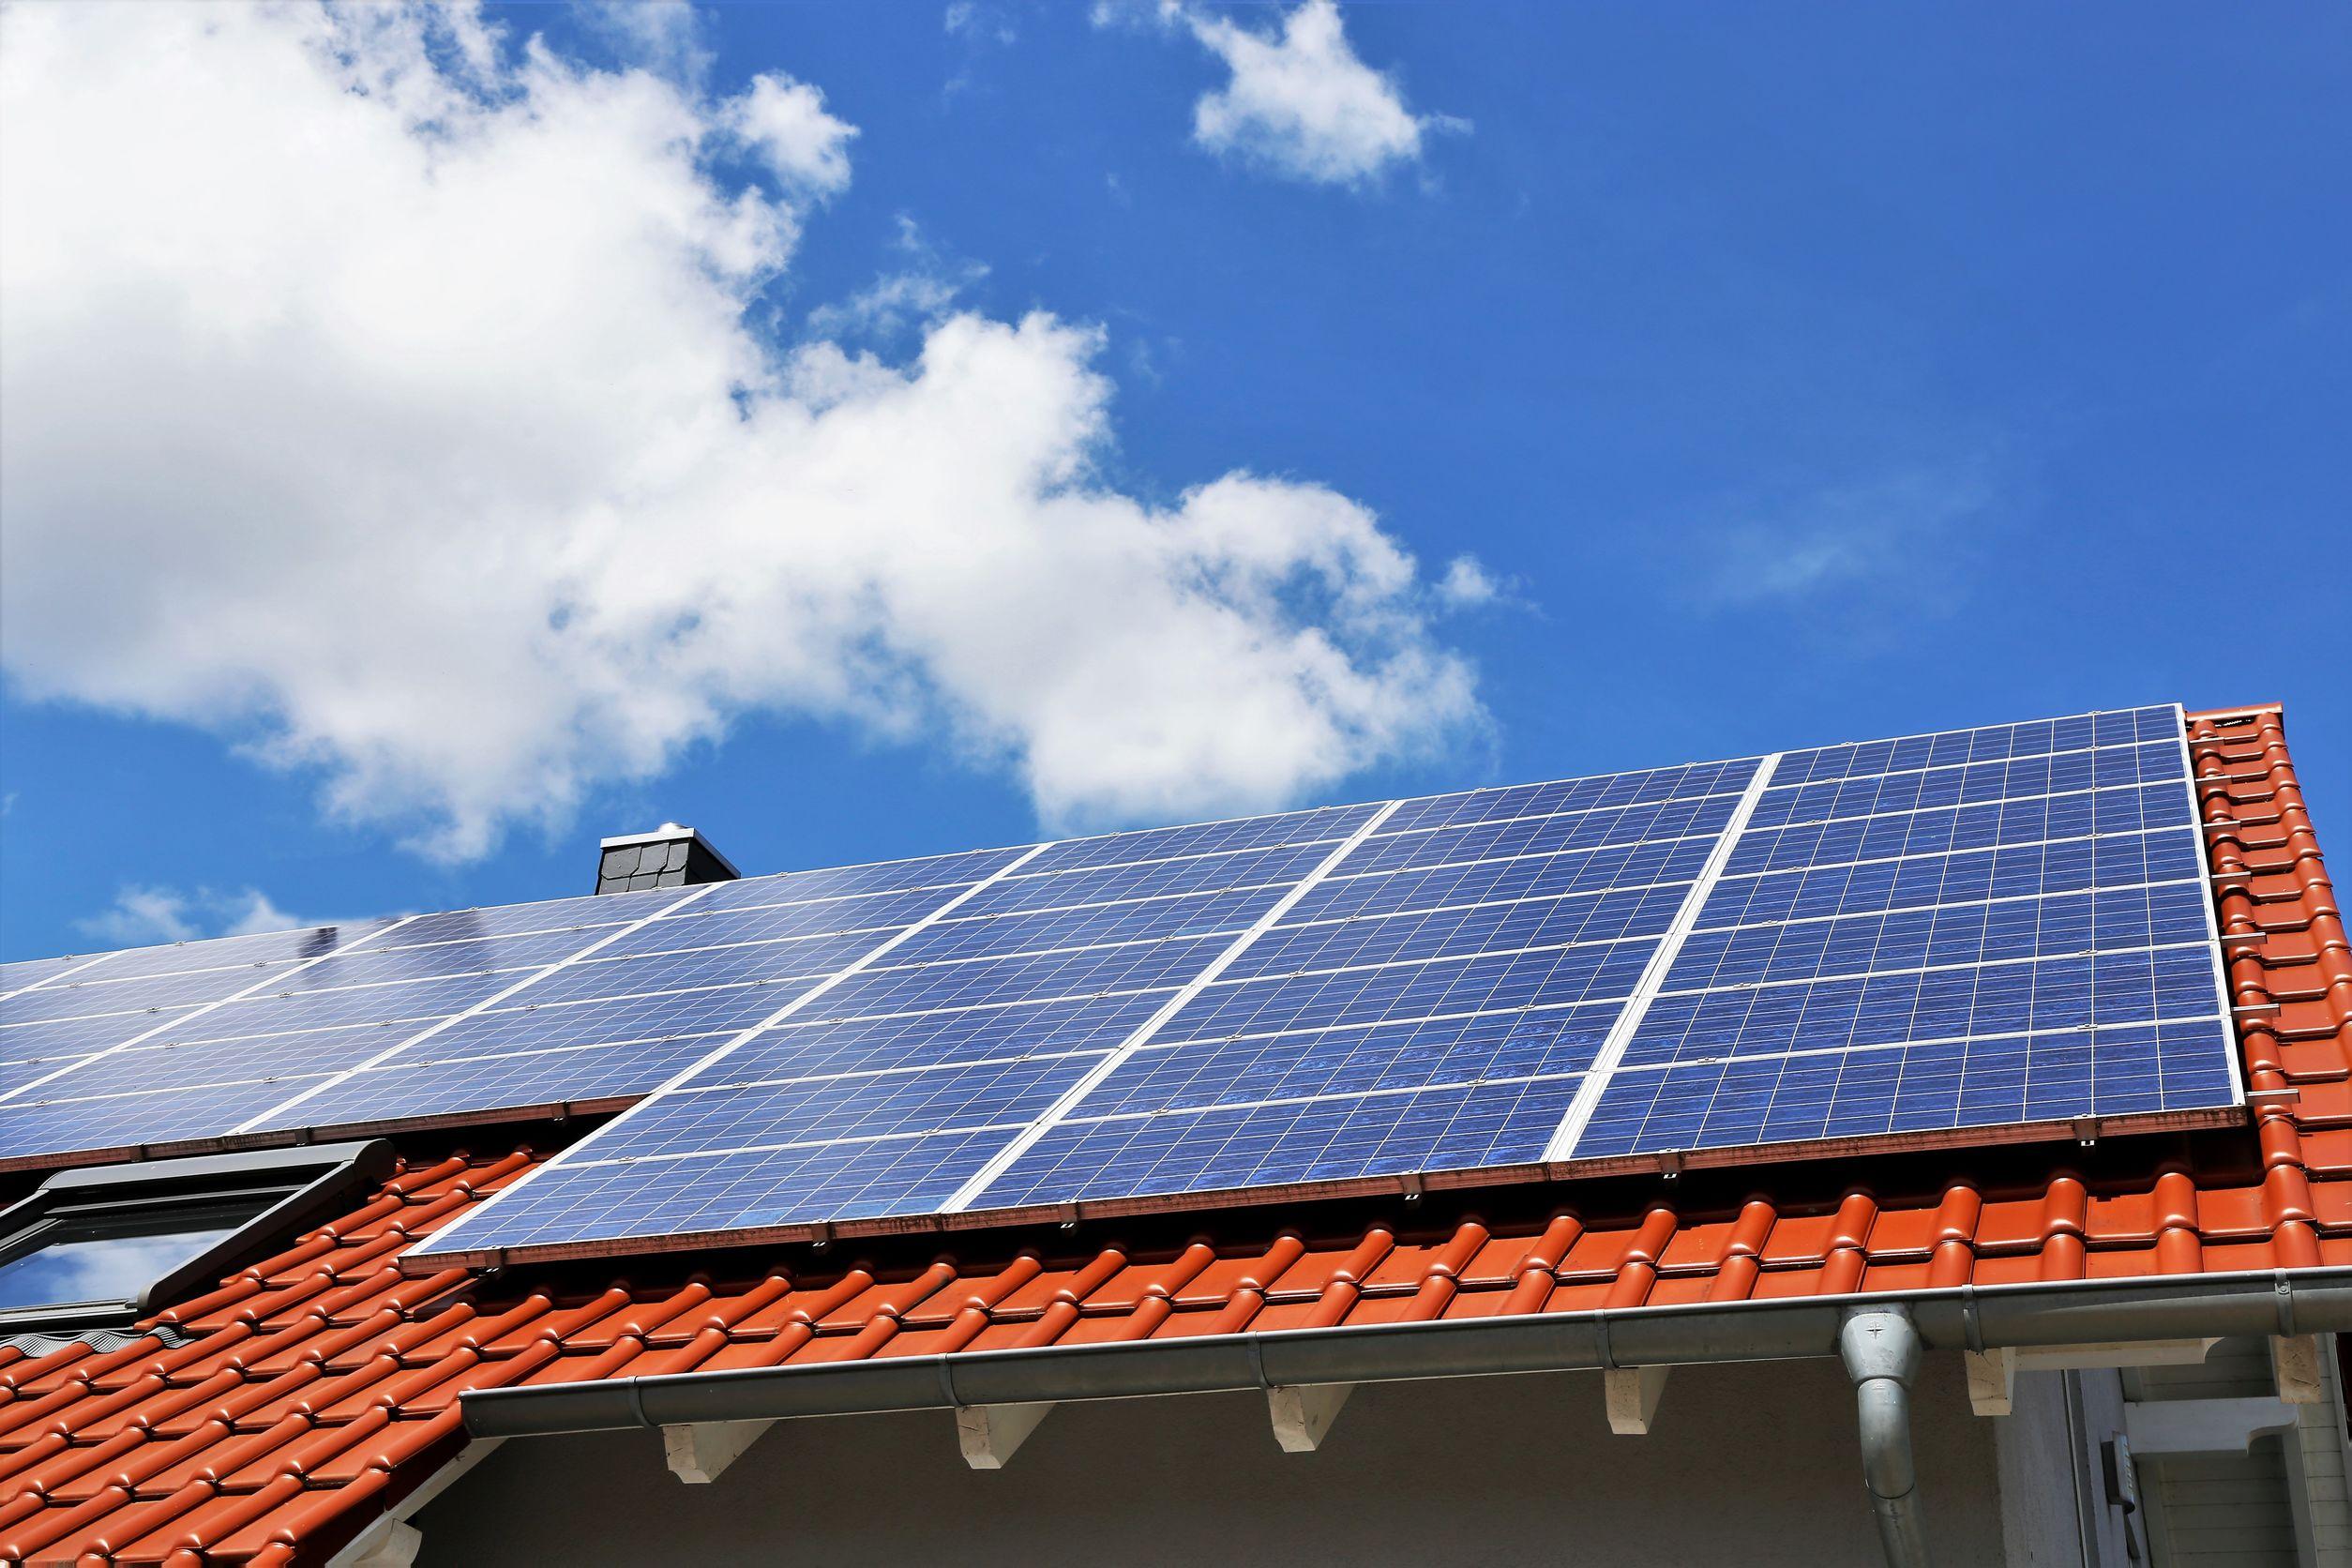 Installation panneaux photovoltaïques Bourg-de-Péage Drôme